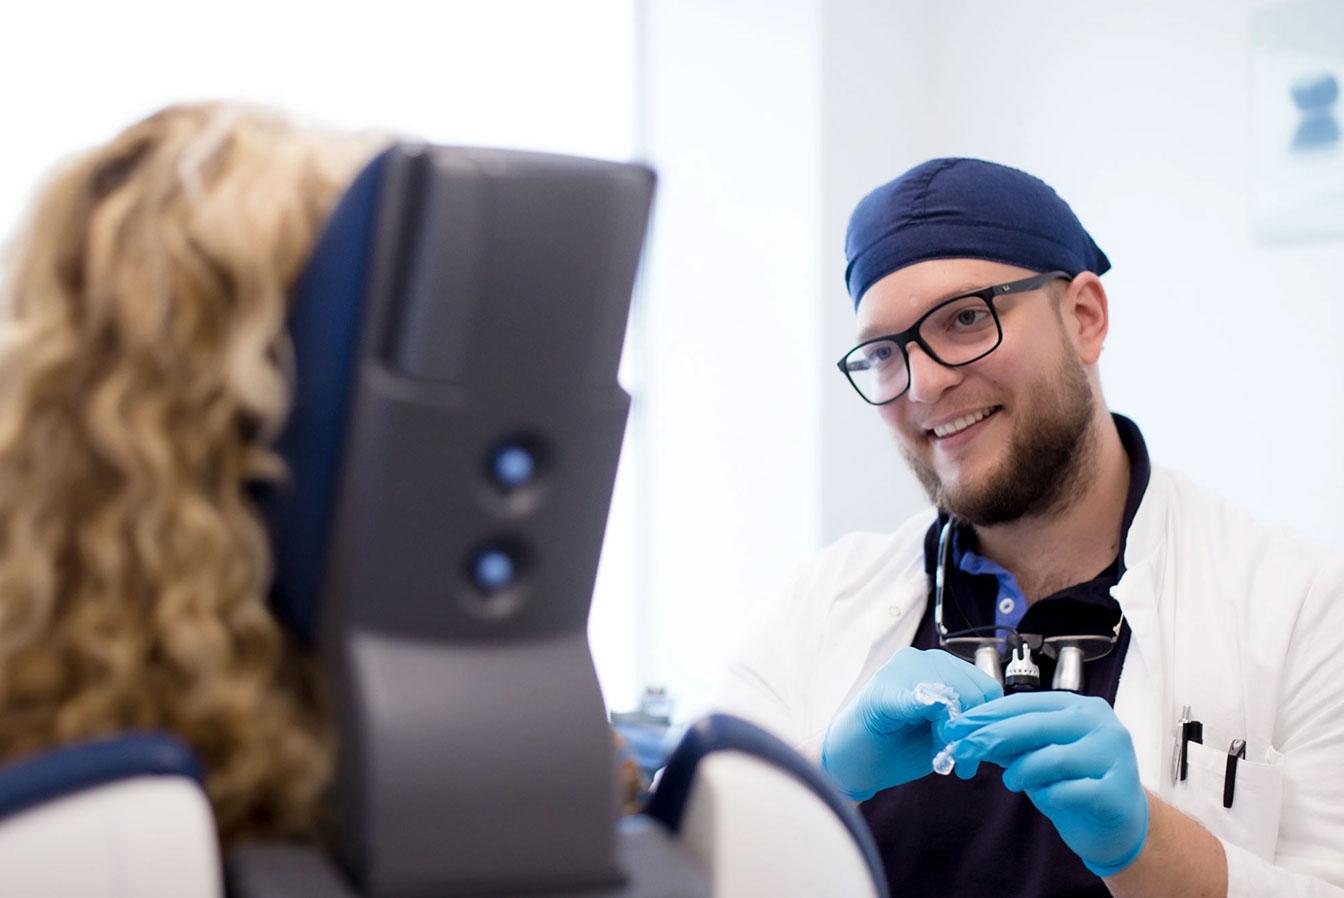 Vermessungsschiene Hilfe bei craniomandibulärer Dysfunktion (CMD): TENS Therapie und K7 Funktionsanalyse